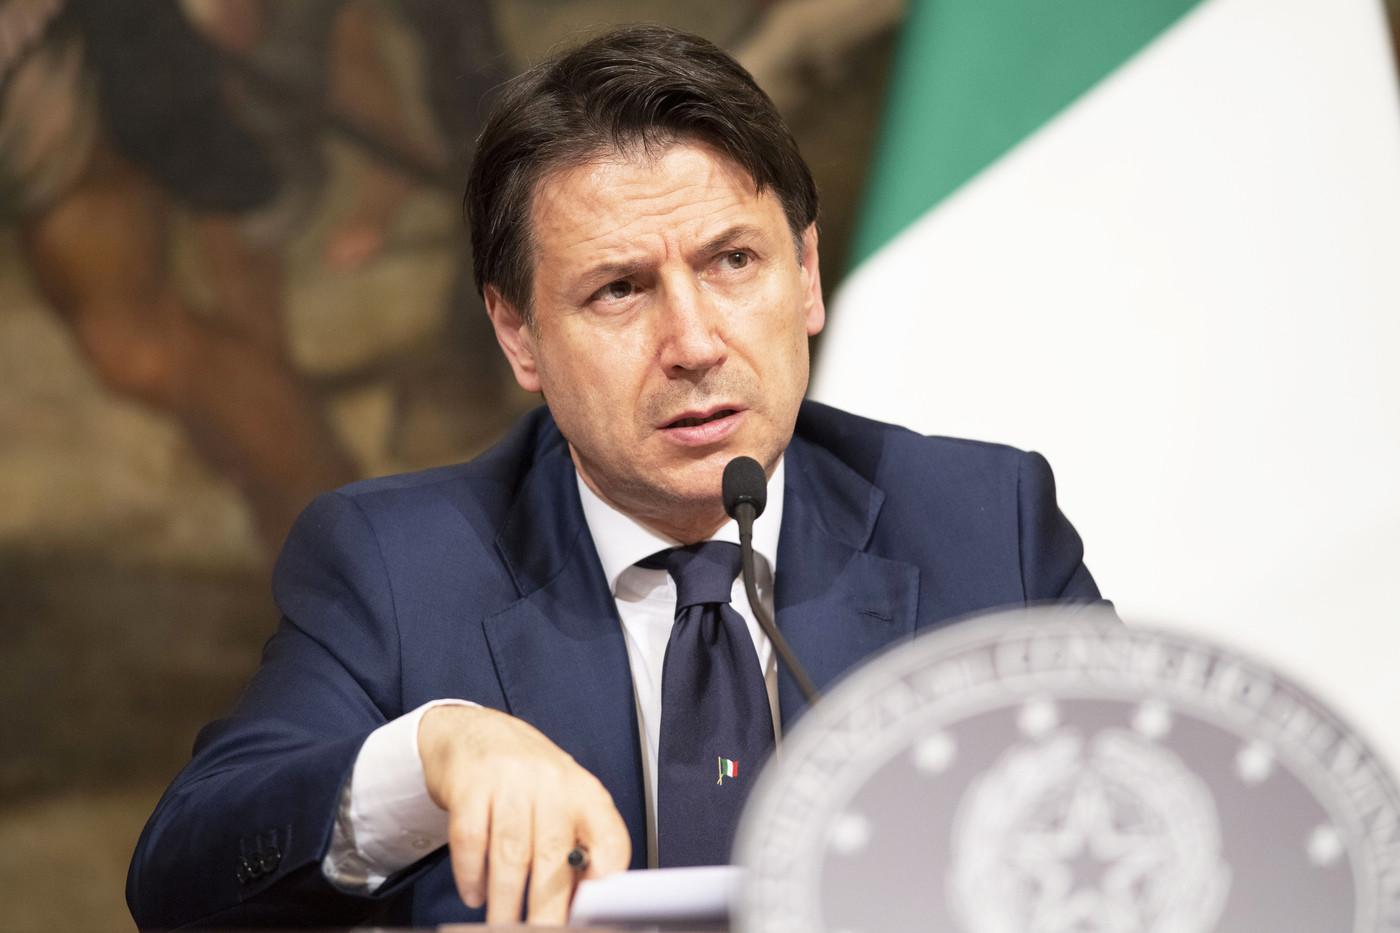 Decreto Rilancio, Conte: Taglio tasse per 4mld. Bellanova piange per sì a sanatoria